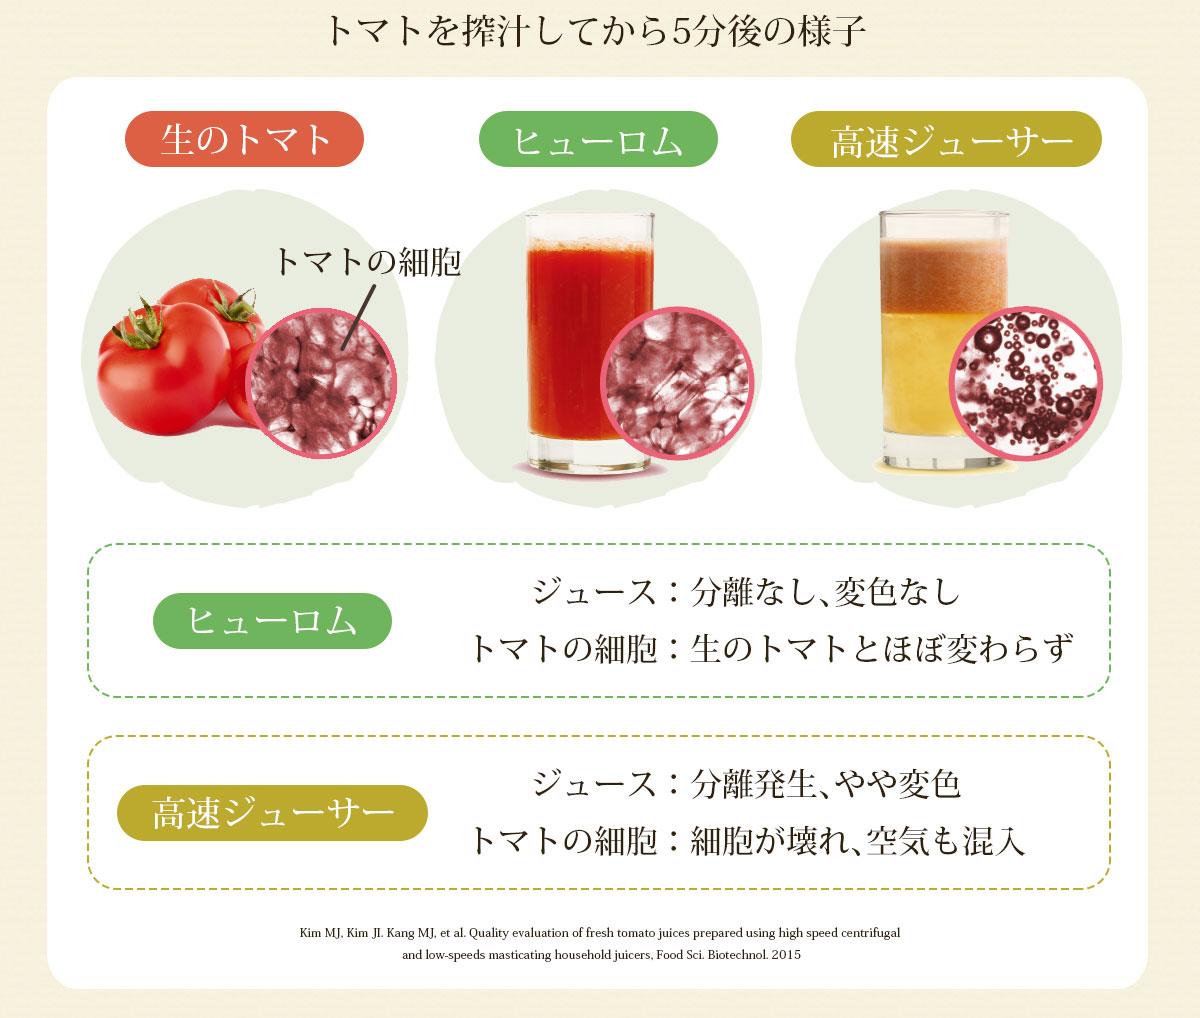 トマトジュースの実験